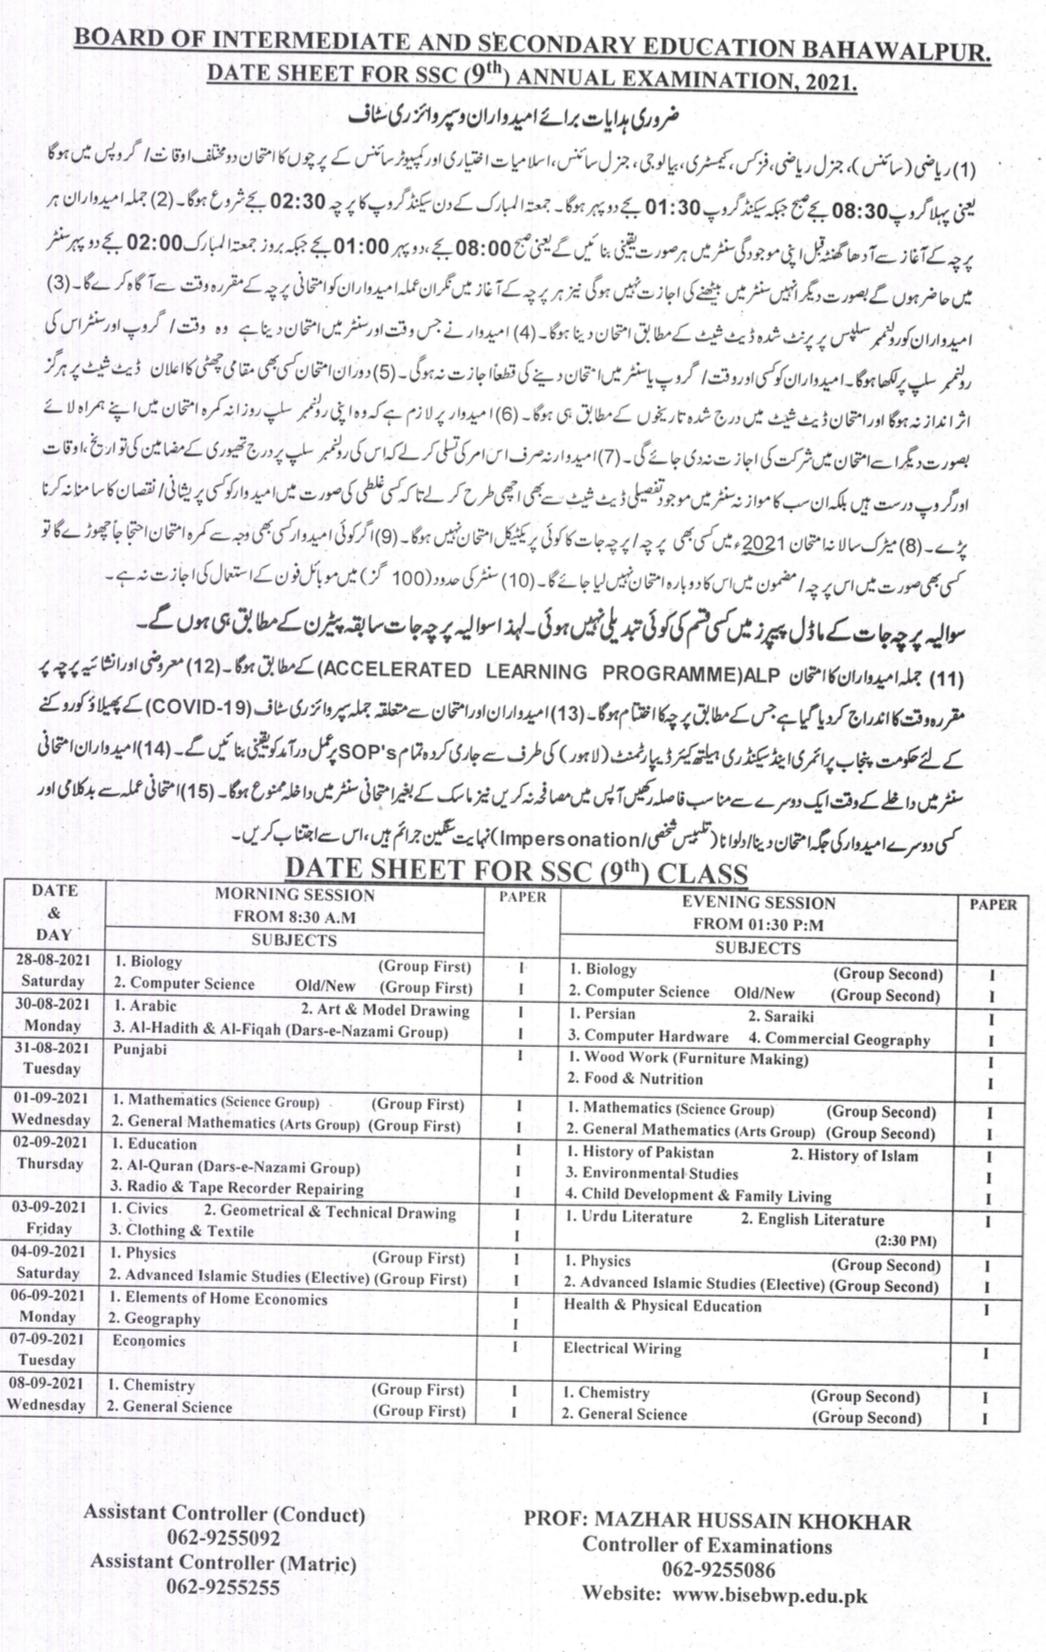 Date Sheet Bahawalpur Board Class 9th 2021 Annual Exam